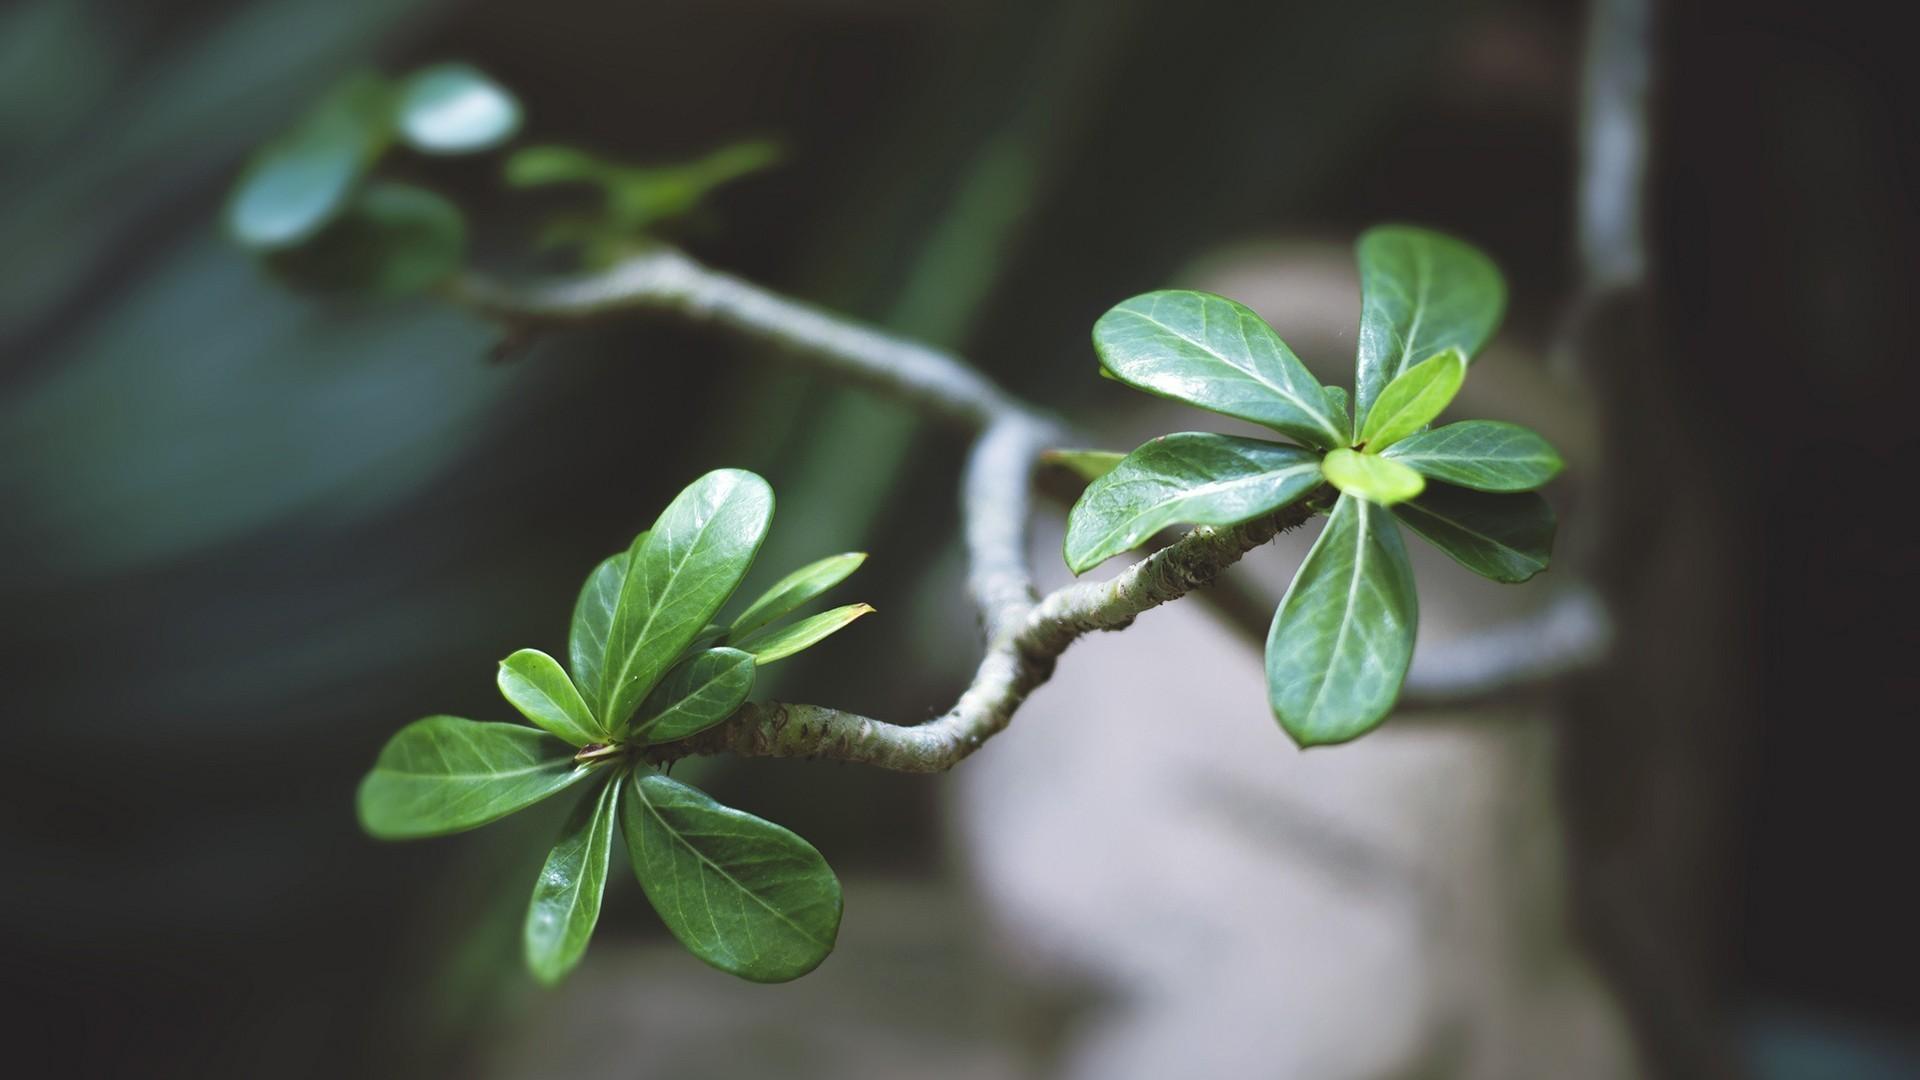 Res: 1920x1080, Bäume Blätter Bonsai wallpaper